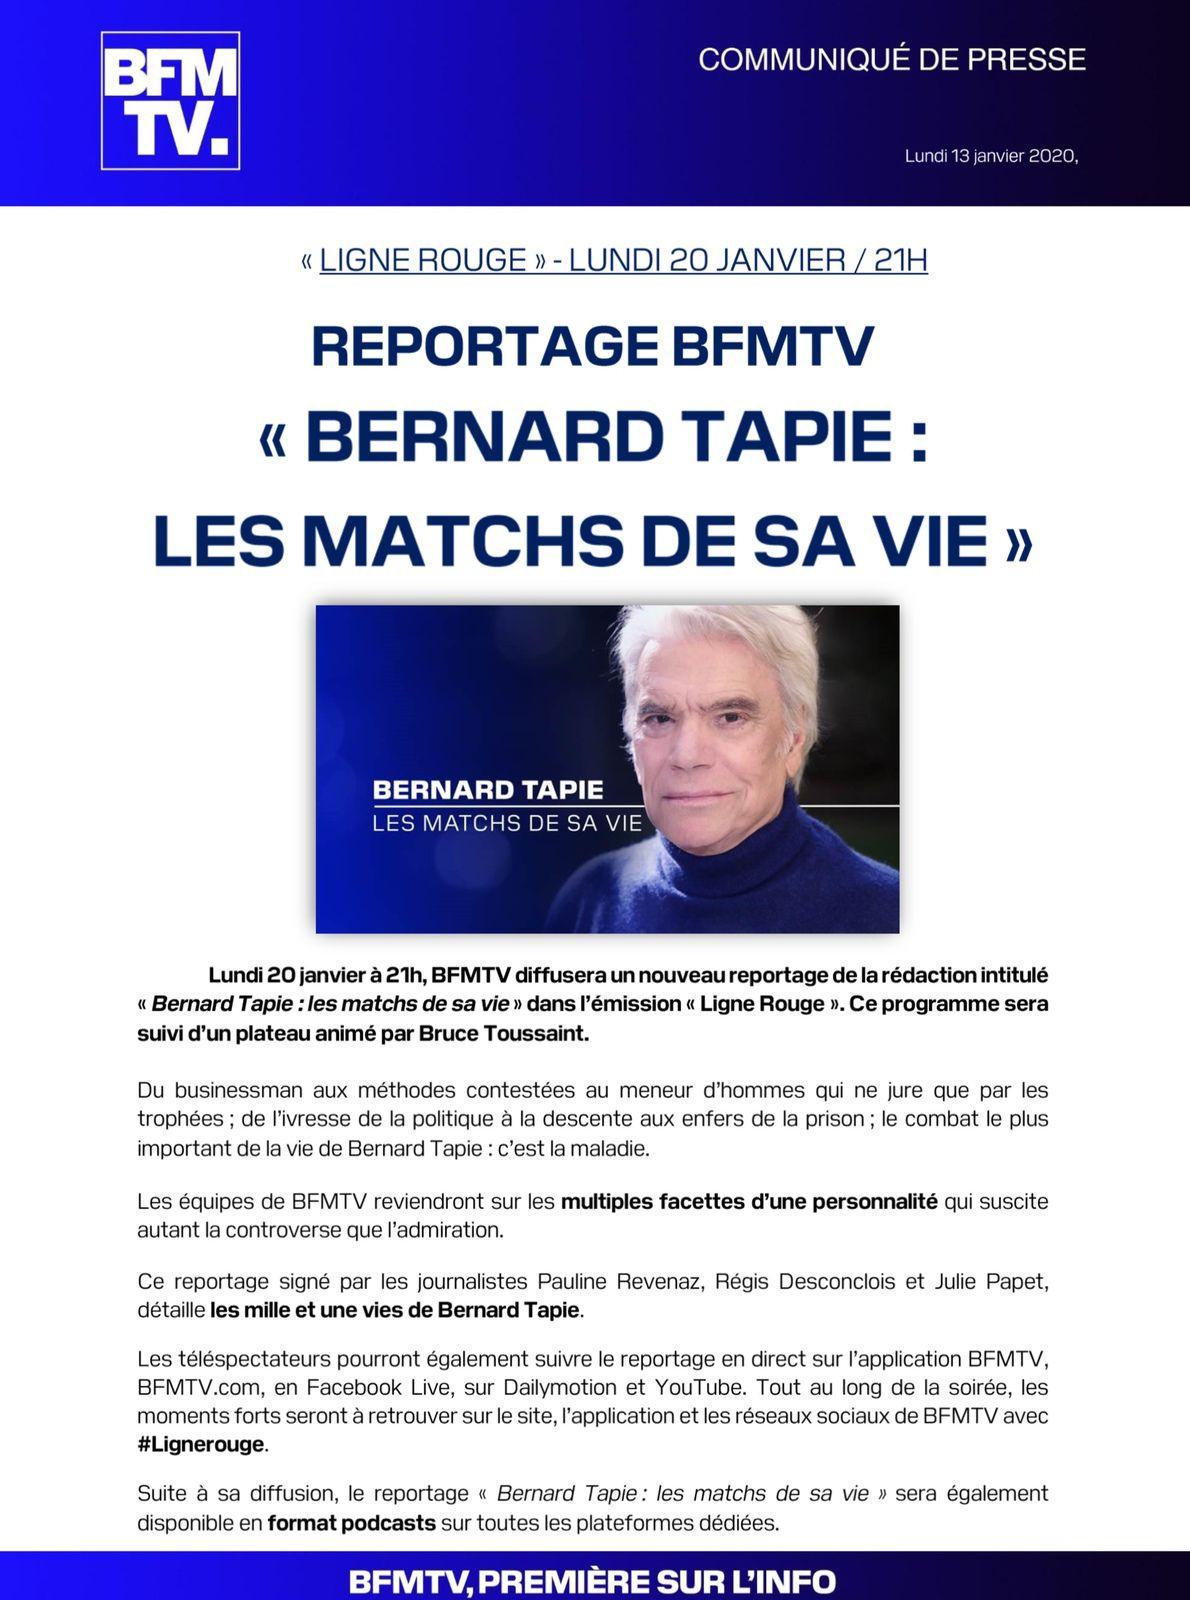 Bernard Tapie, les matchs de sa vie lundi 20 janvier sur BFMTV (document puis débat).